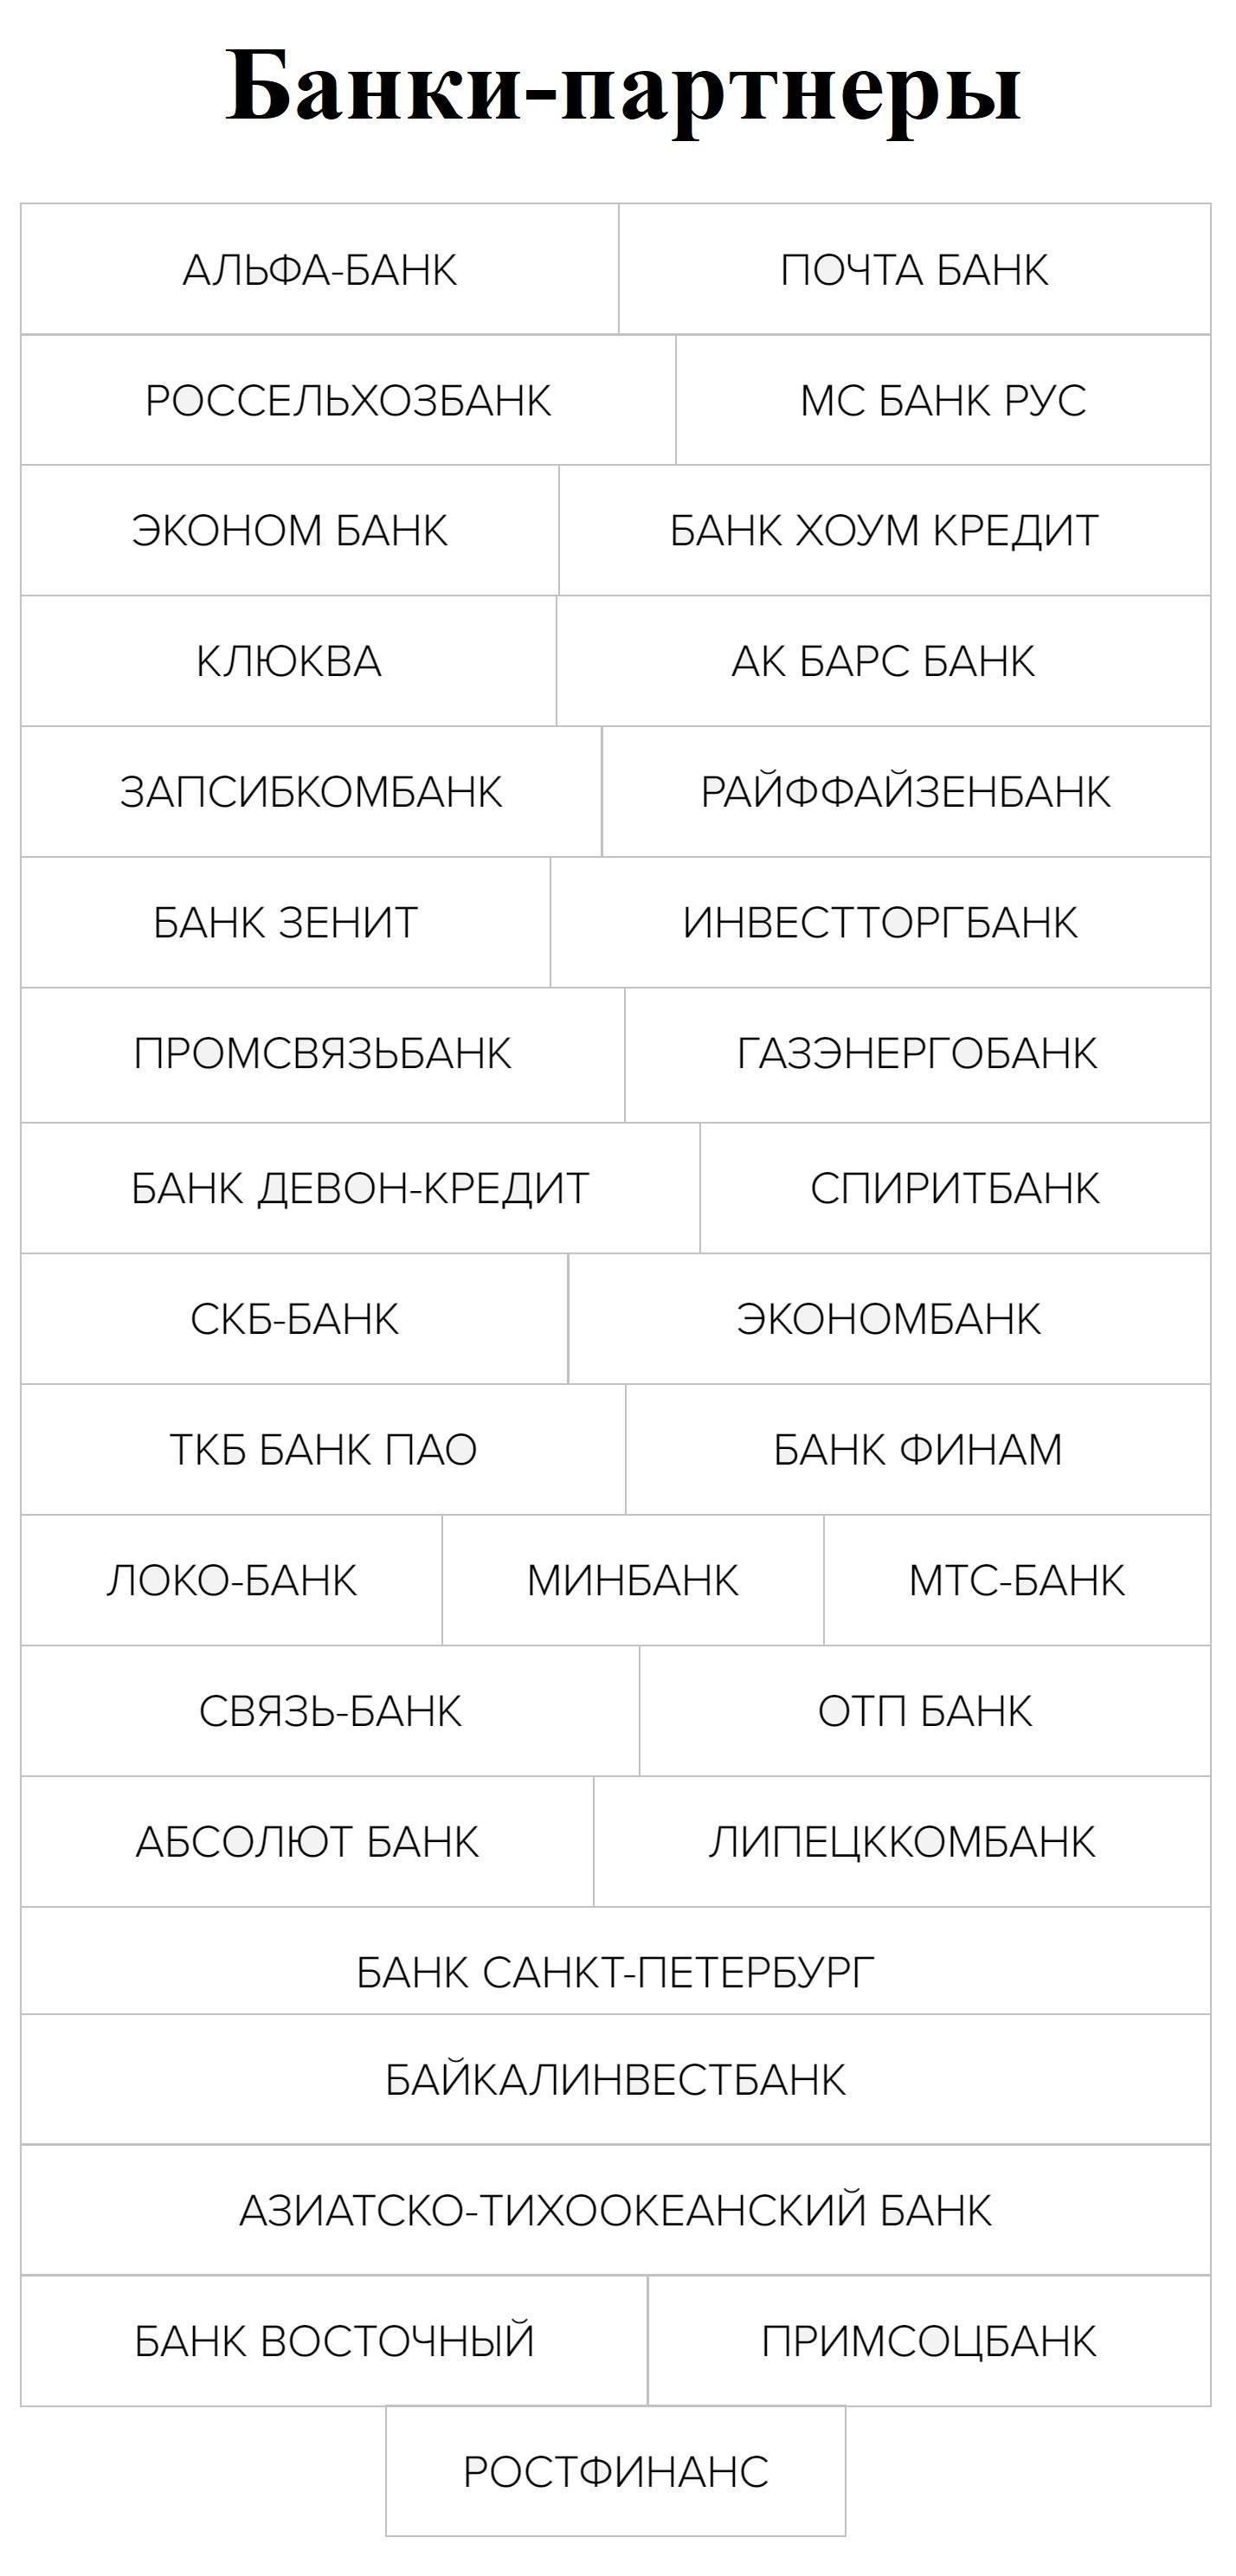 alfastrahovanie-zhizn-banki-partnery.jpg